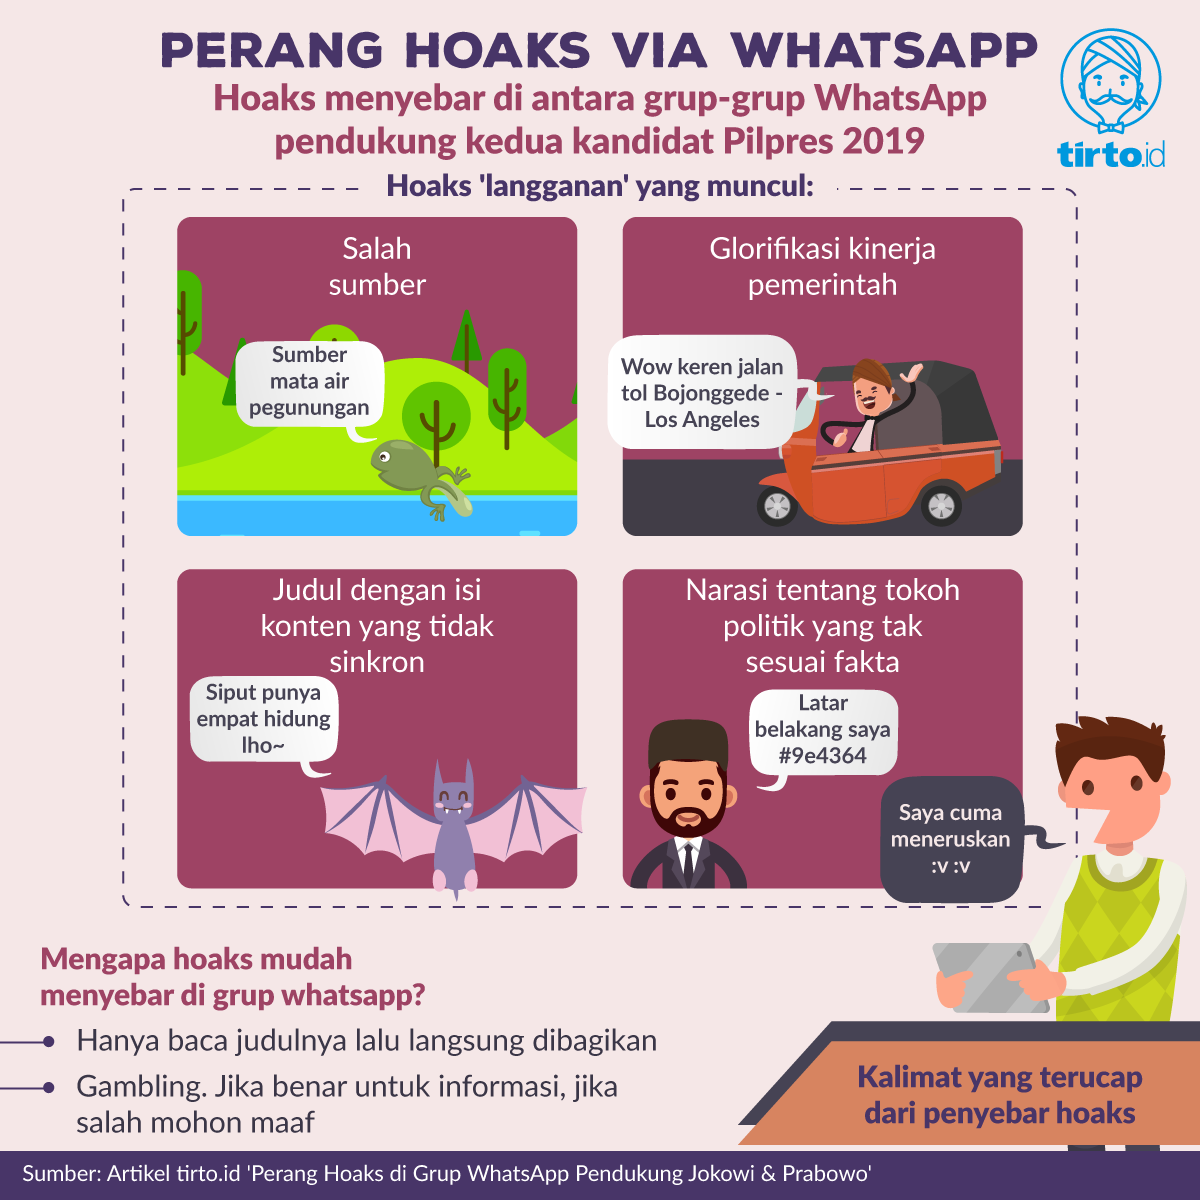 Ini informasi perang hoaks di grup Whatsapp dari tirto.id